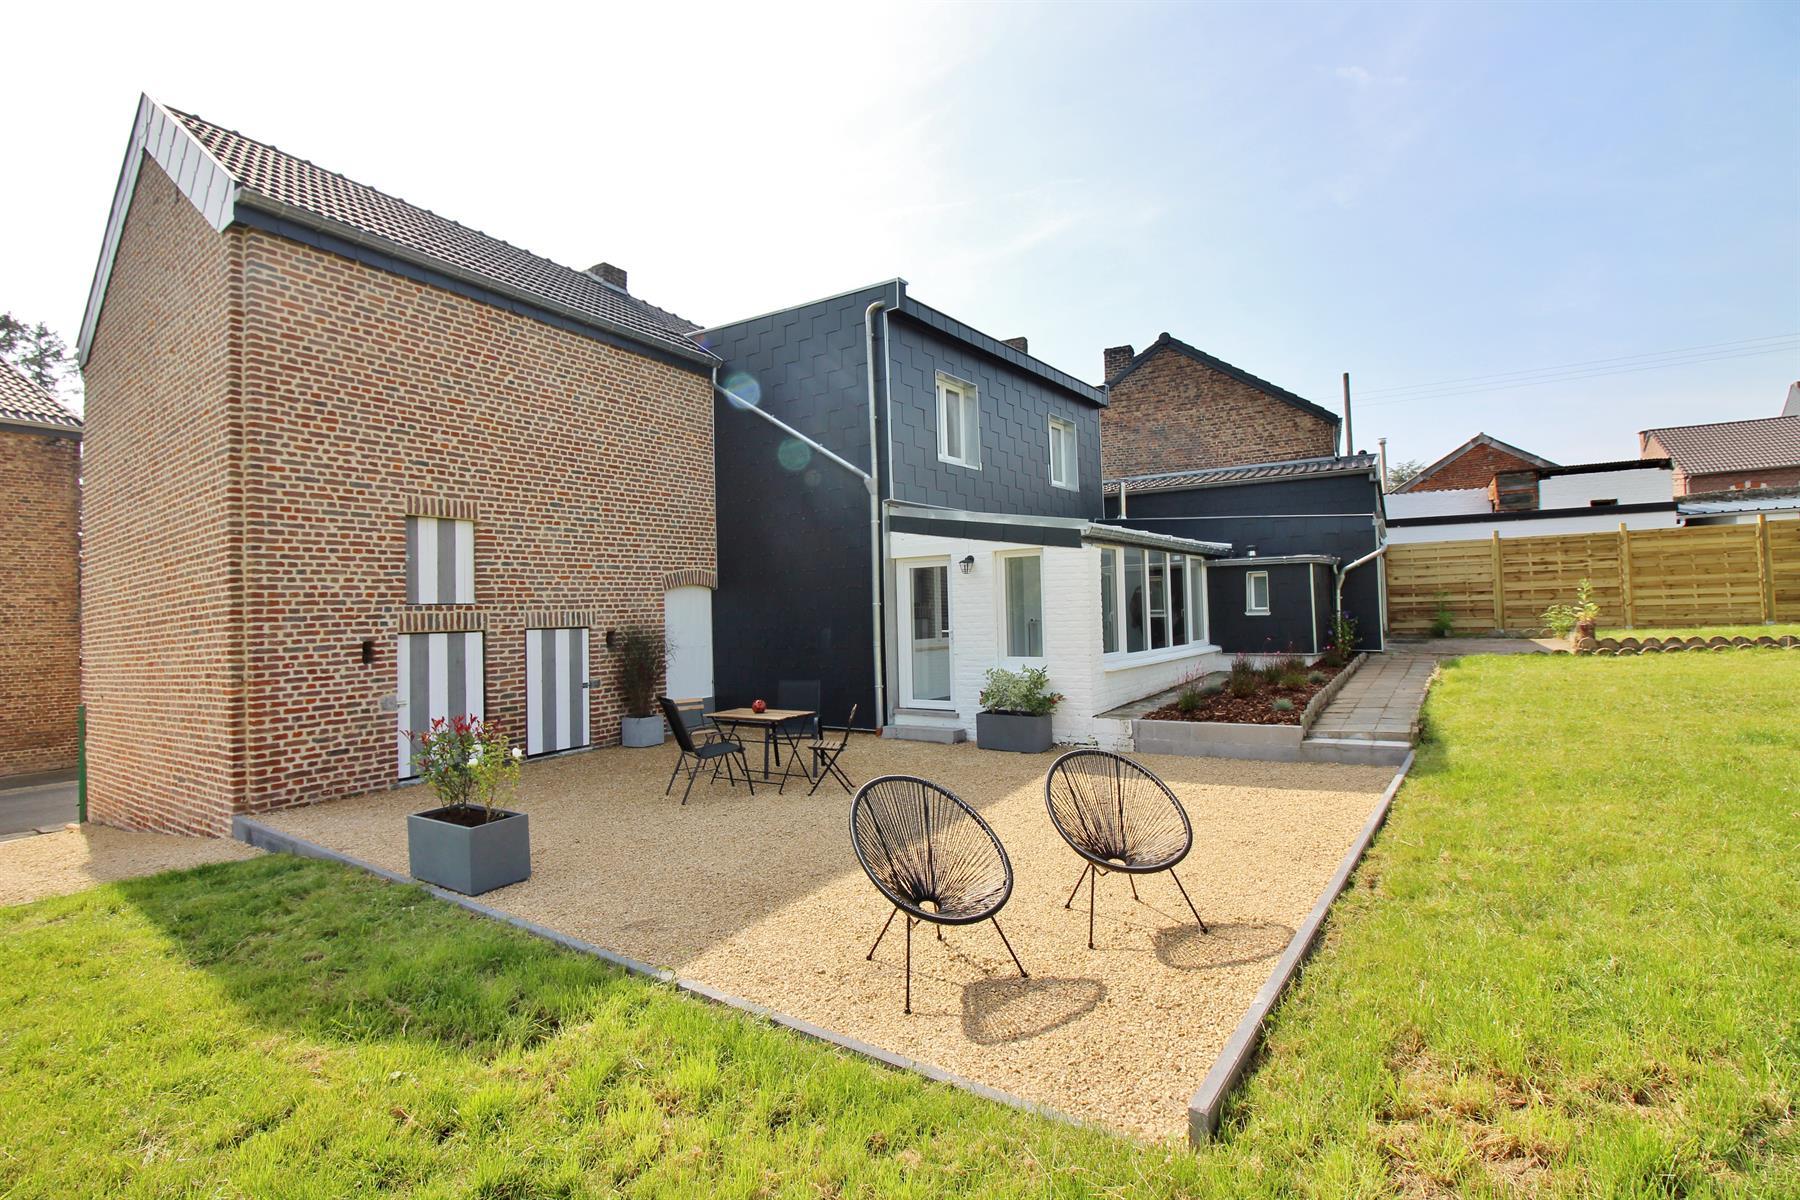 Maison - Waremme Lantremange - #4500933-2